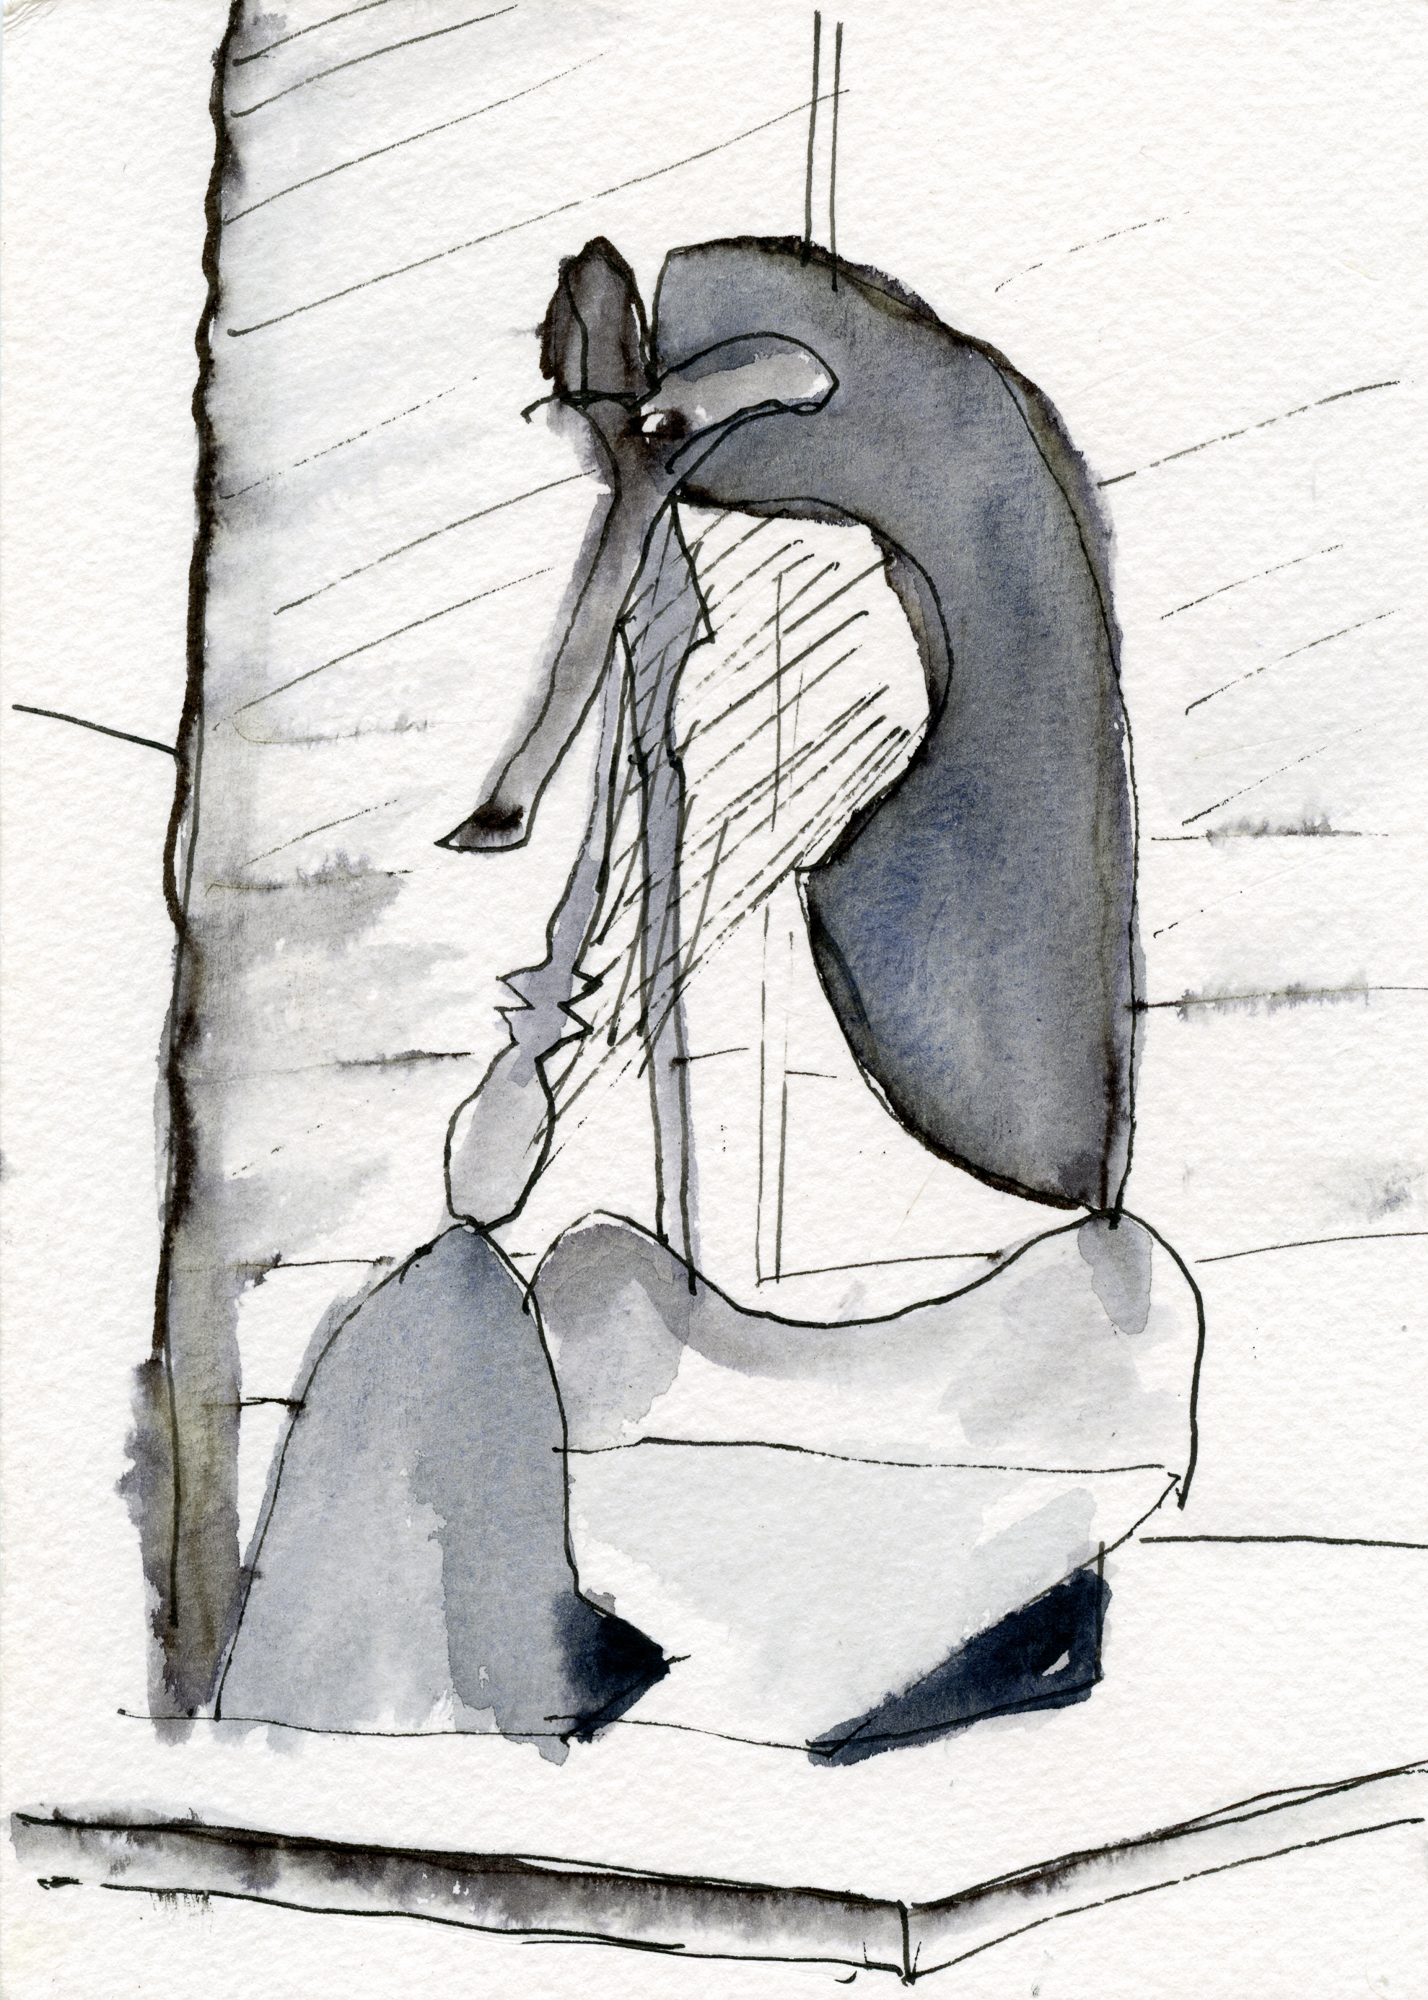 Chicago Picasso Postcard No. 12